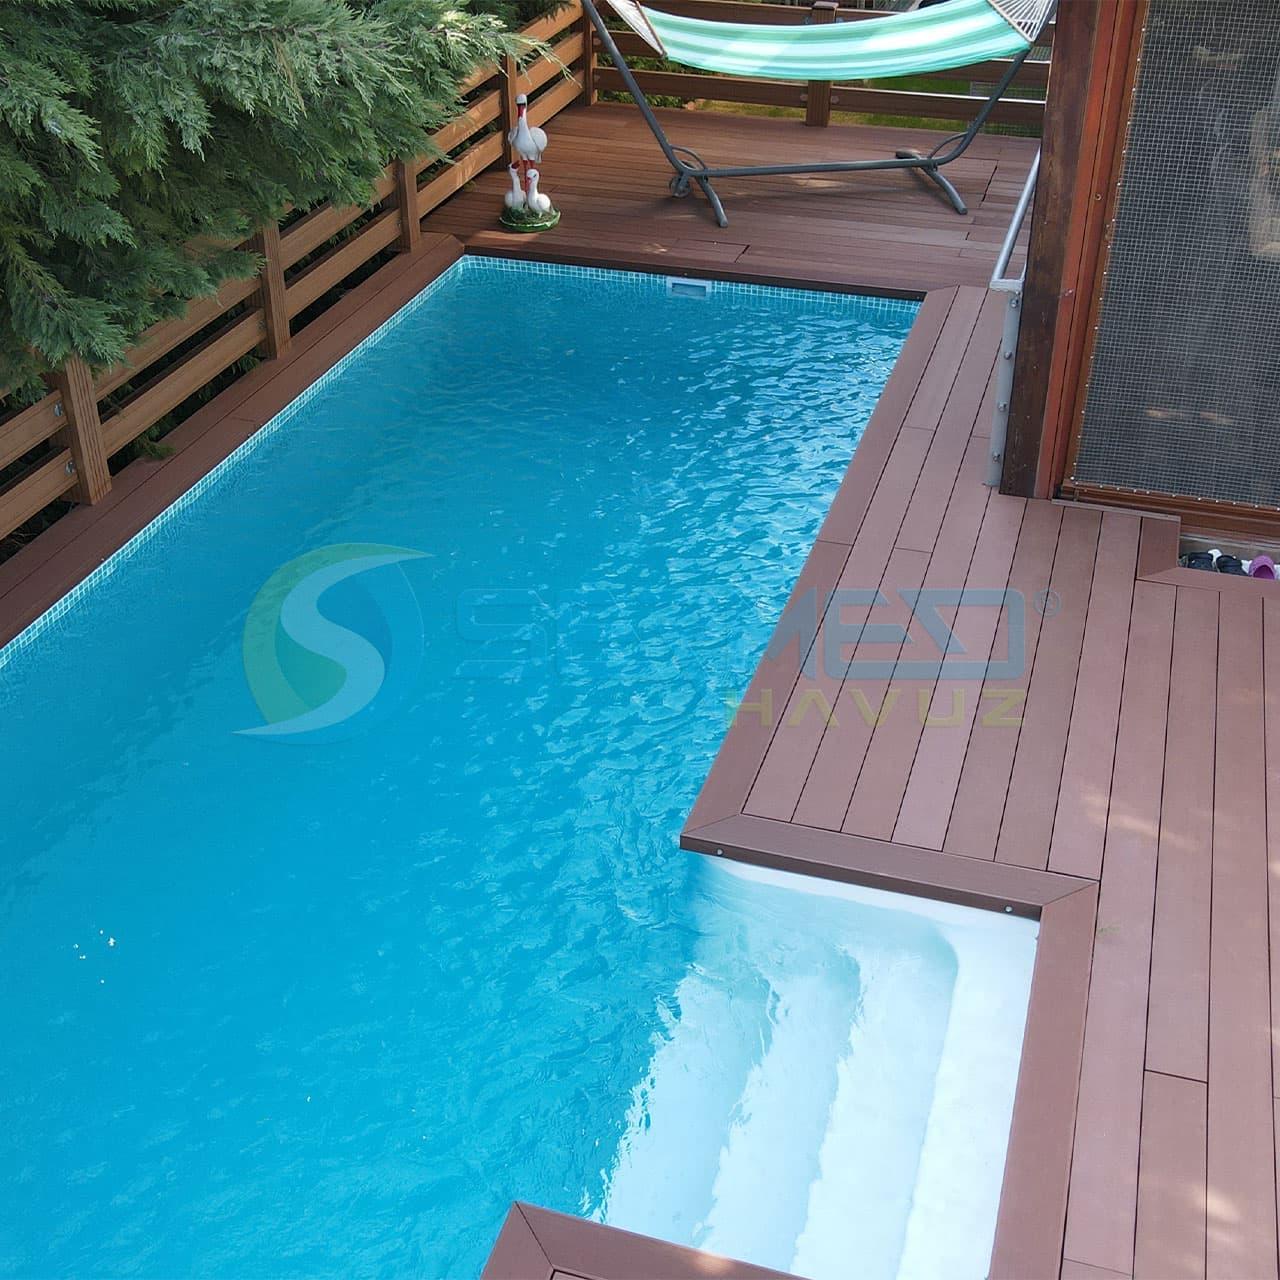 İzmir Çeşme'de Birol Bey'e Fipool Plus Havuz Sermed Havuz tarafından yapıldı.